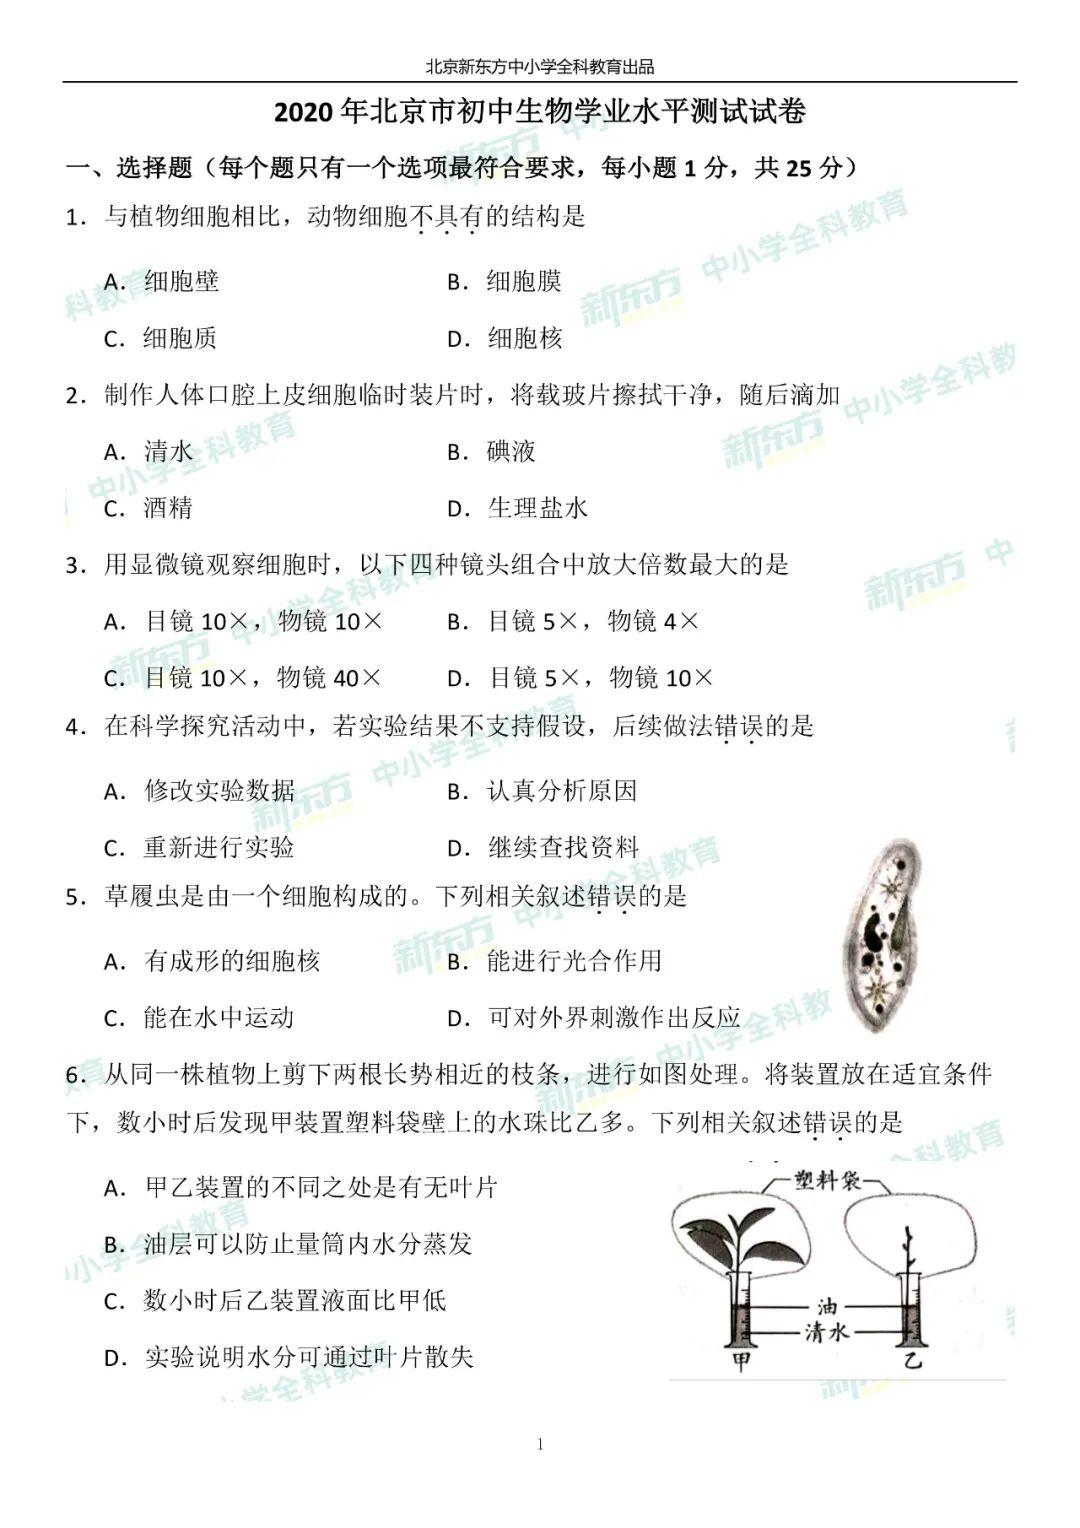 2020年北京市初中学业水平考试生物试题及答案